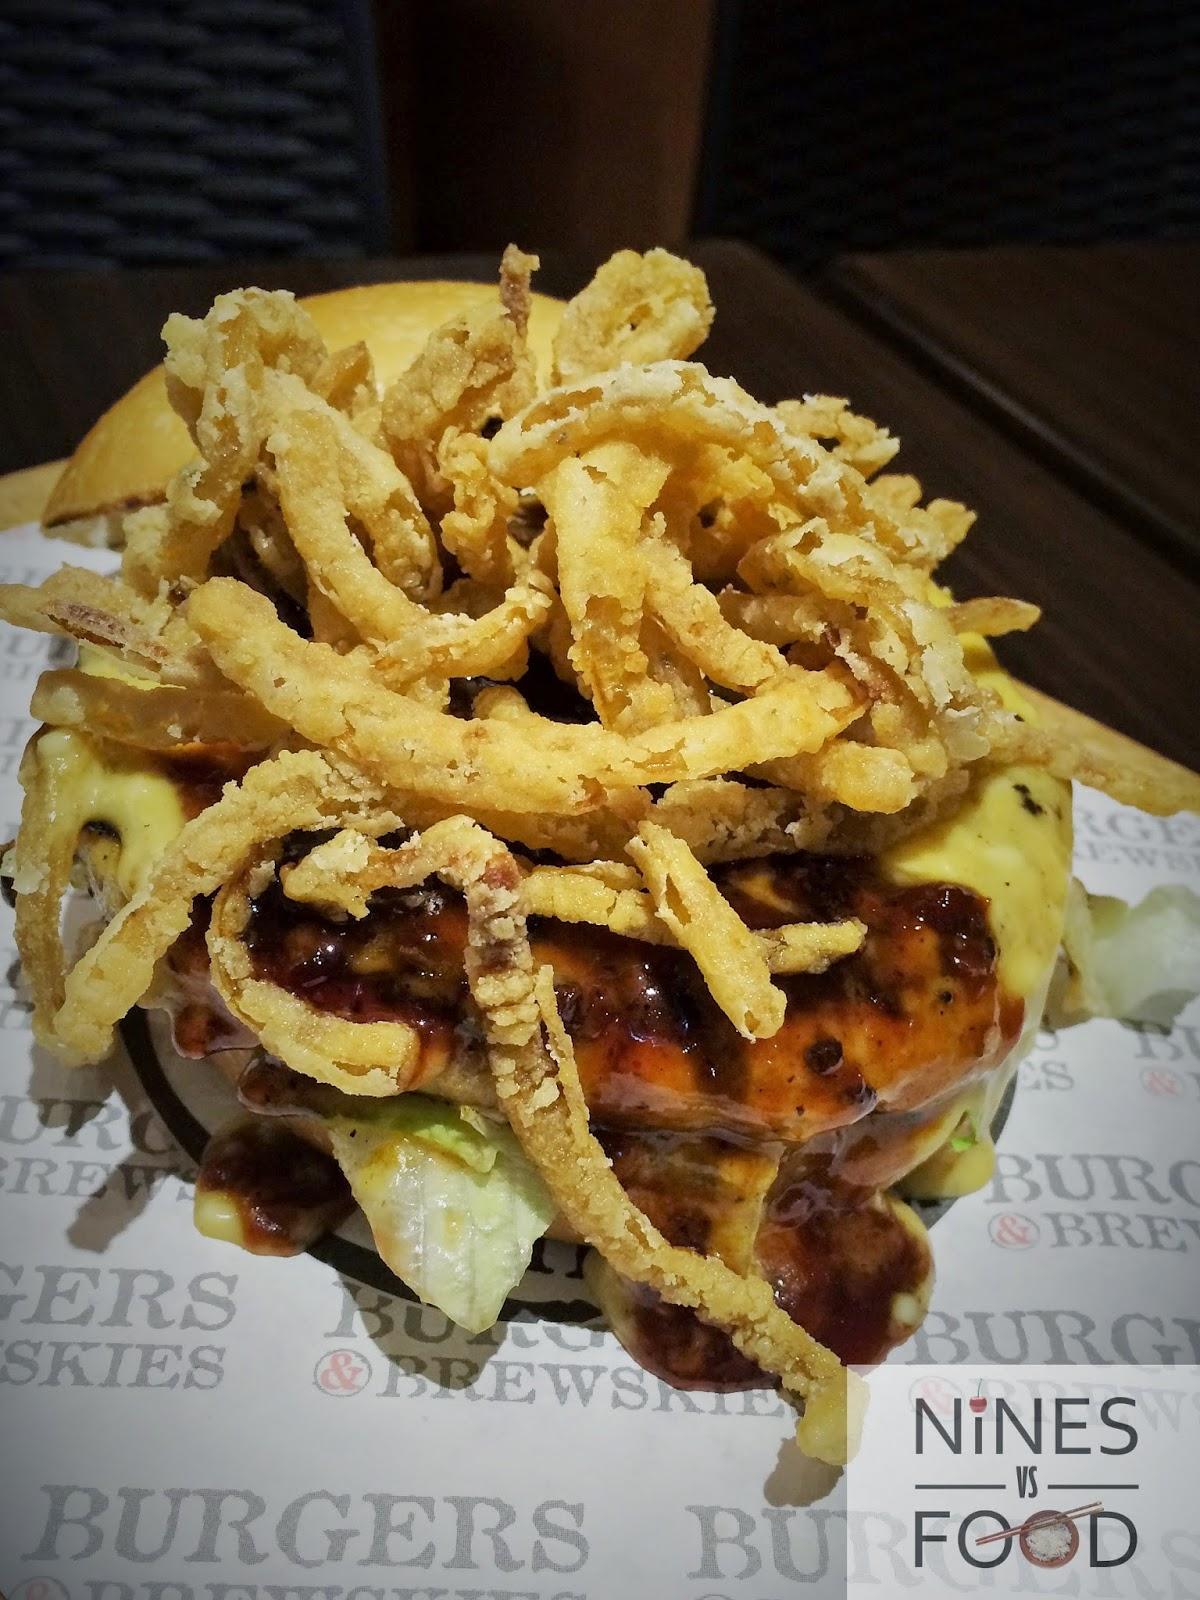 Nines vs. Food - Burgers & Brewskies-20.jpg